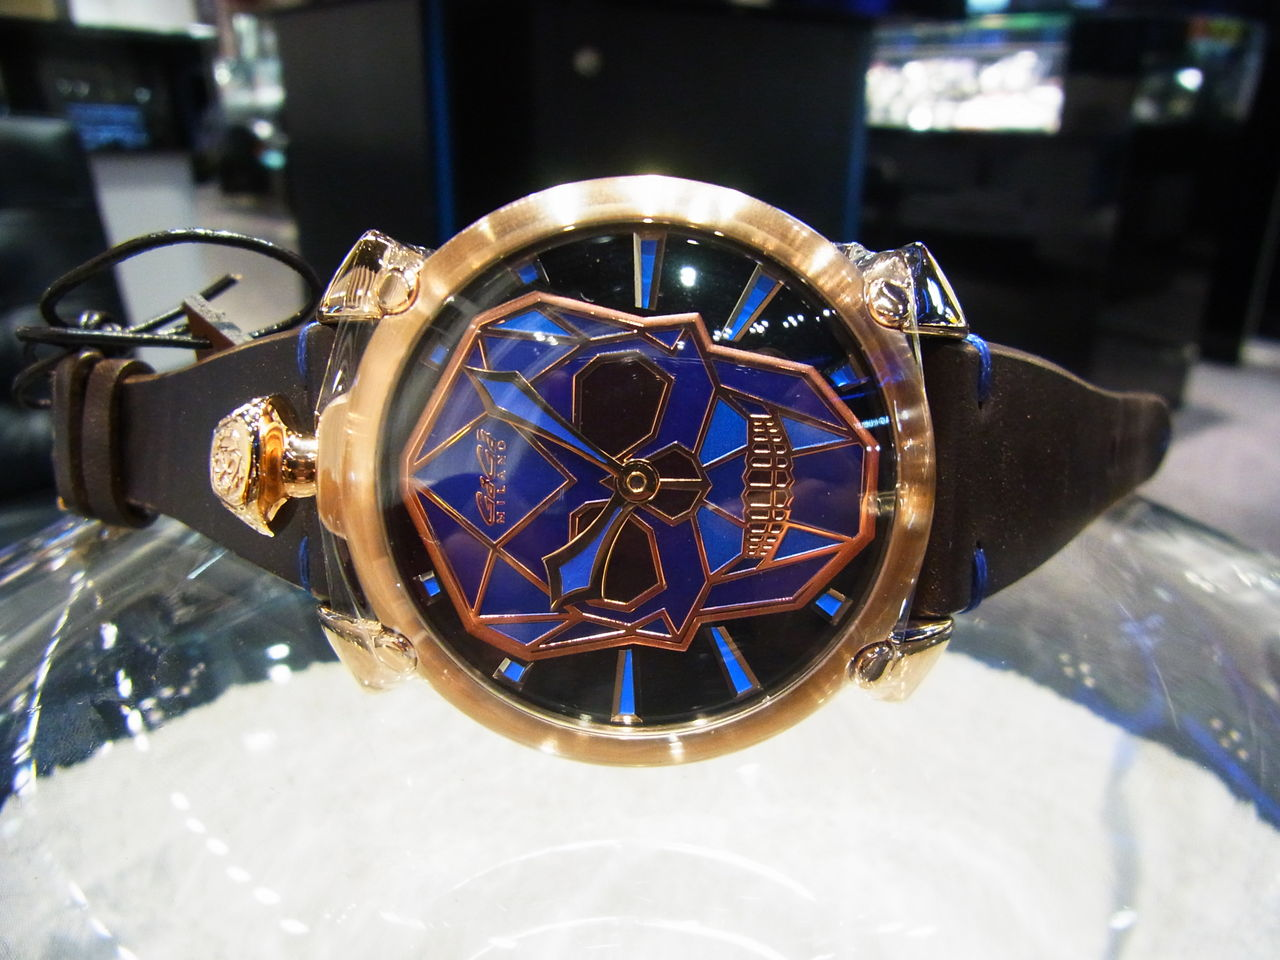 3a91bad617 時計は、MANUALE THIN 48mm 5061.01S(青スカル文字盤ケースPG)と 5062.02S(黒スカル文字盤ケースブラックPVD)です。...  【GaGa MILANO】